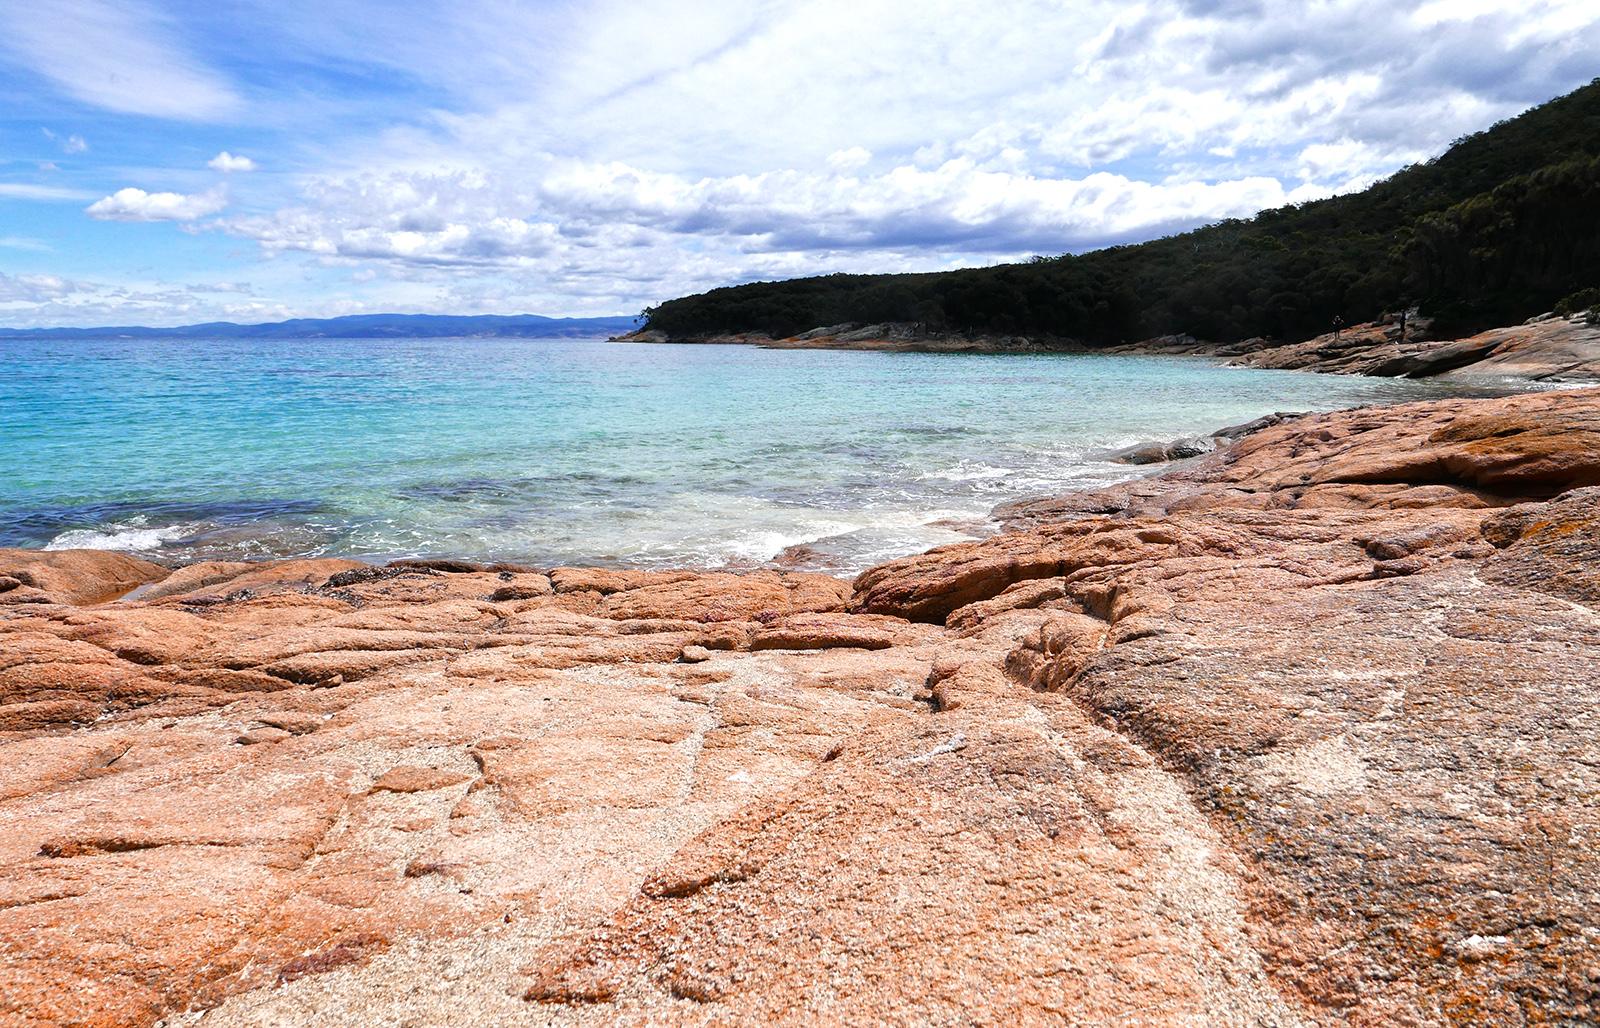 Tasmaniens Naturwunder, Teil 1 – Eine unvergessliche Rundreise ...